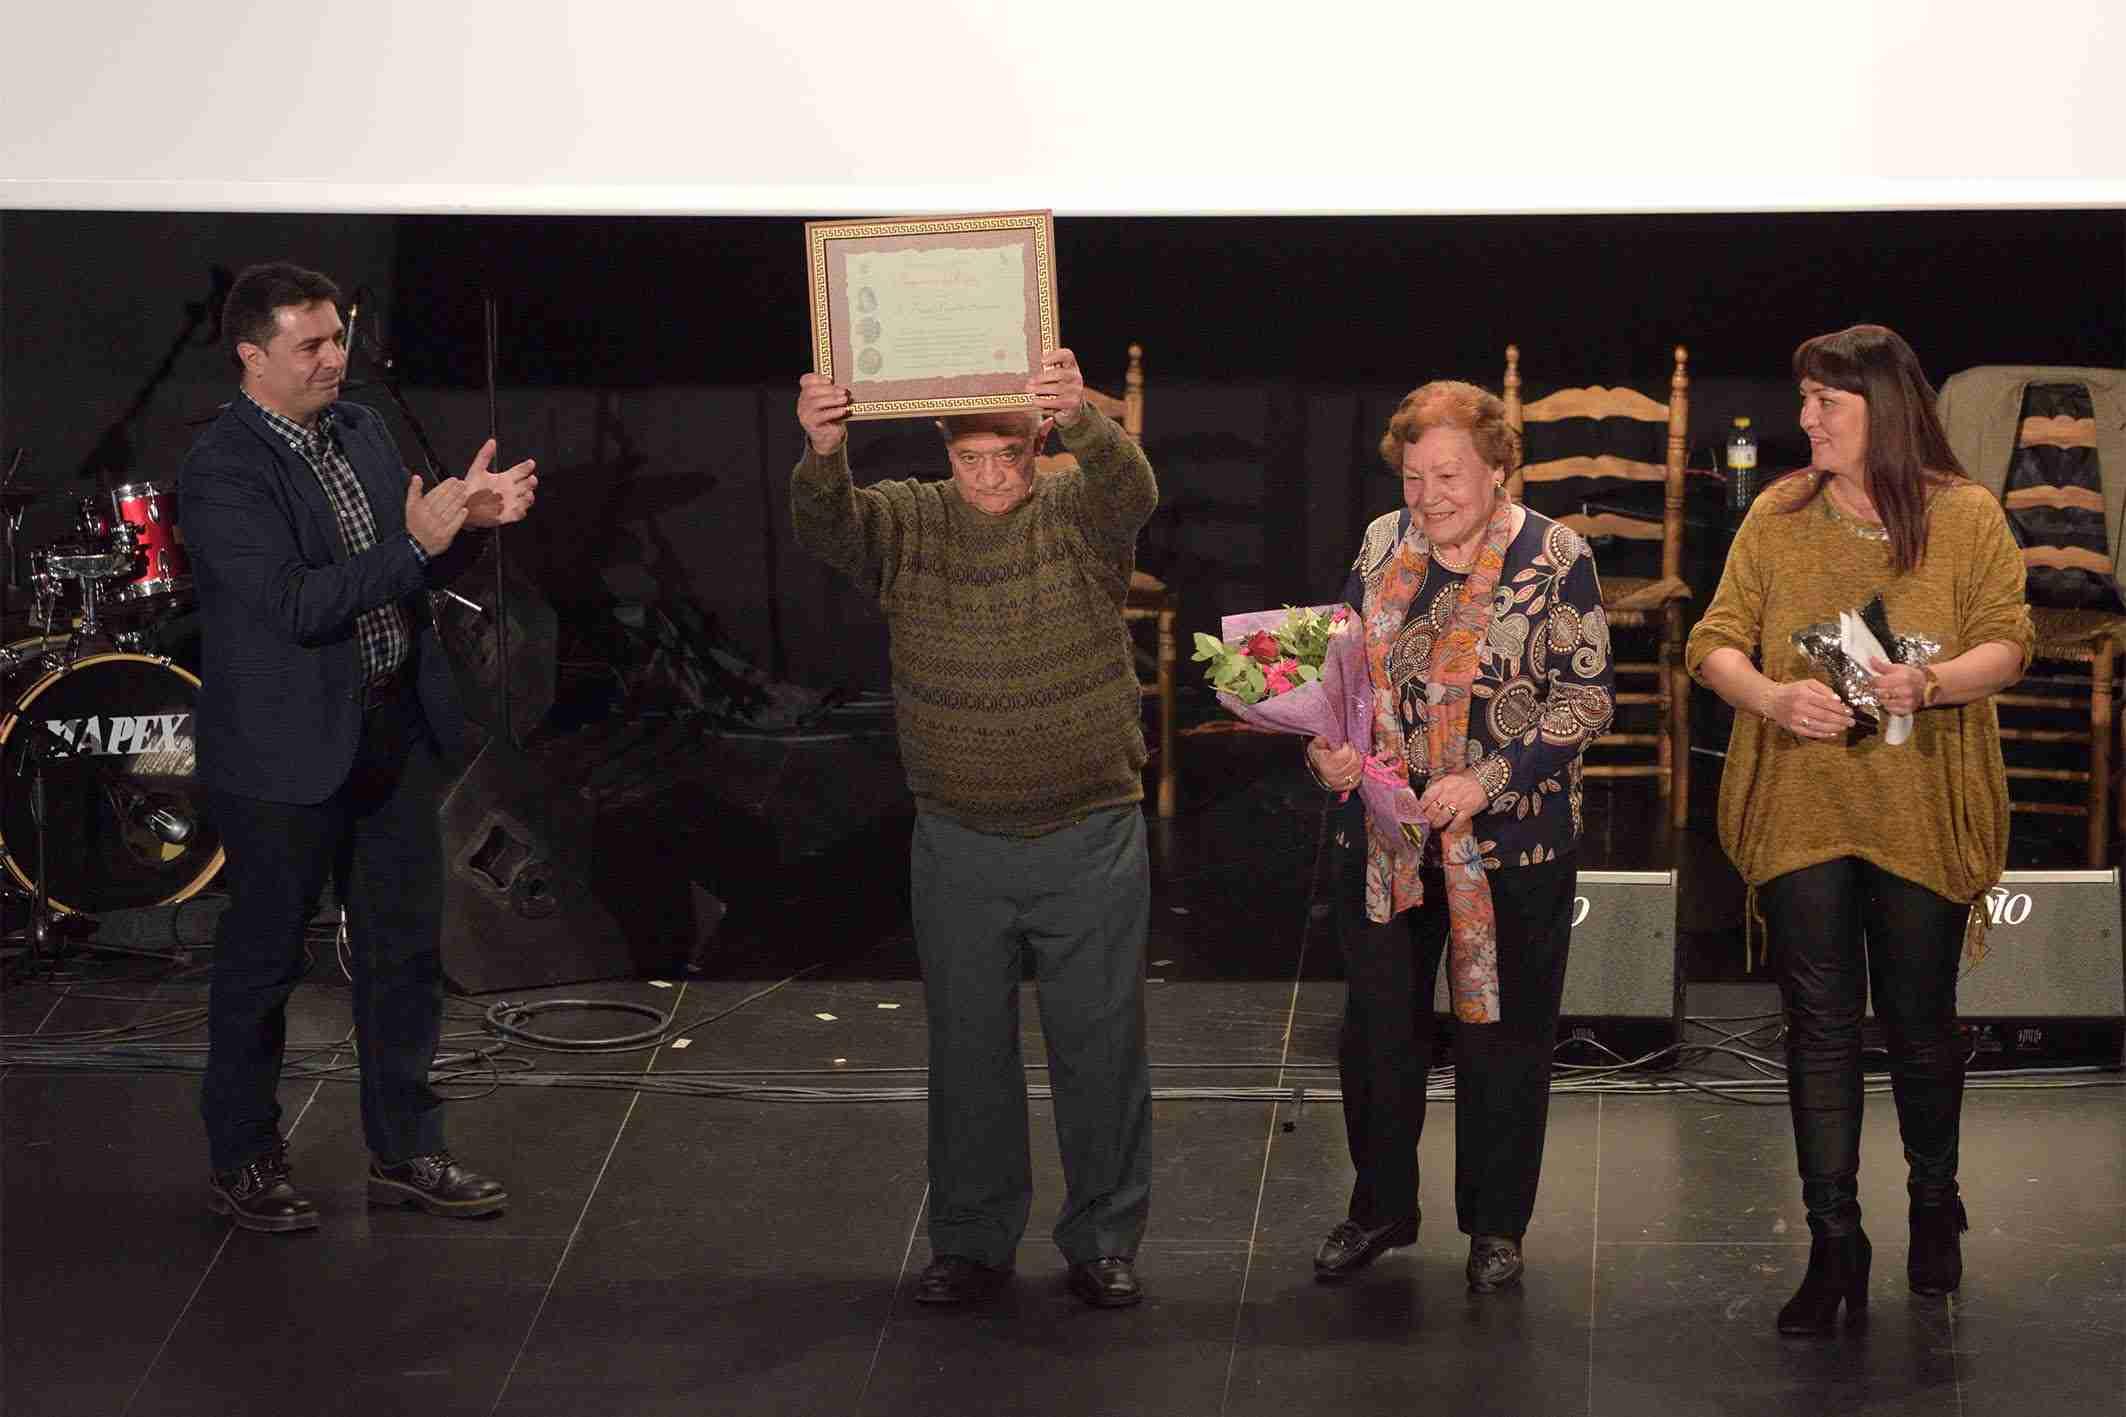 20190323_Festival Flamenco_Homenaje02_AdeAlba 1